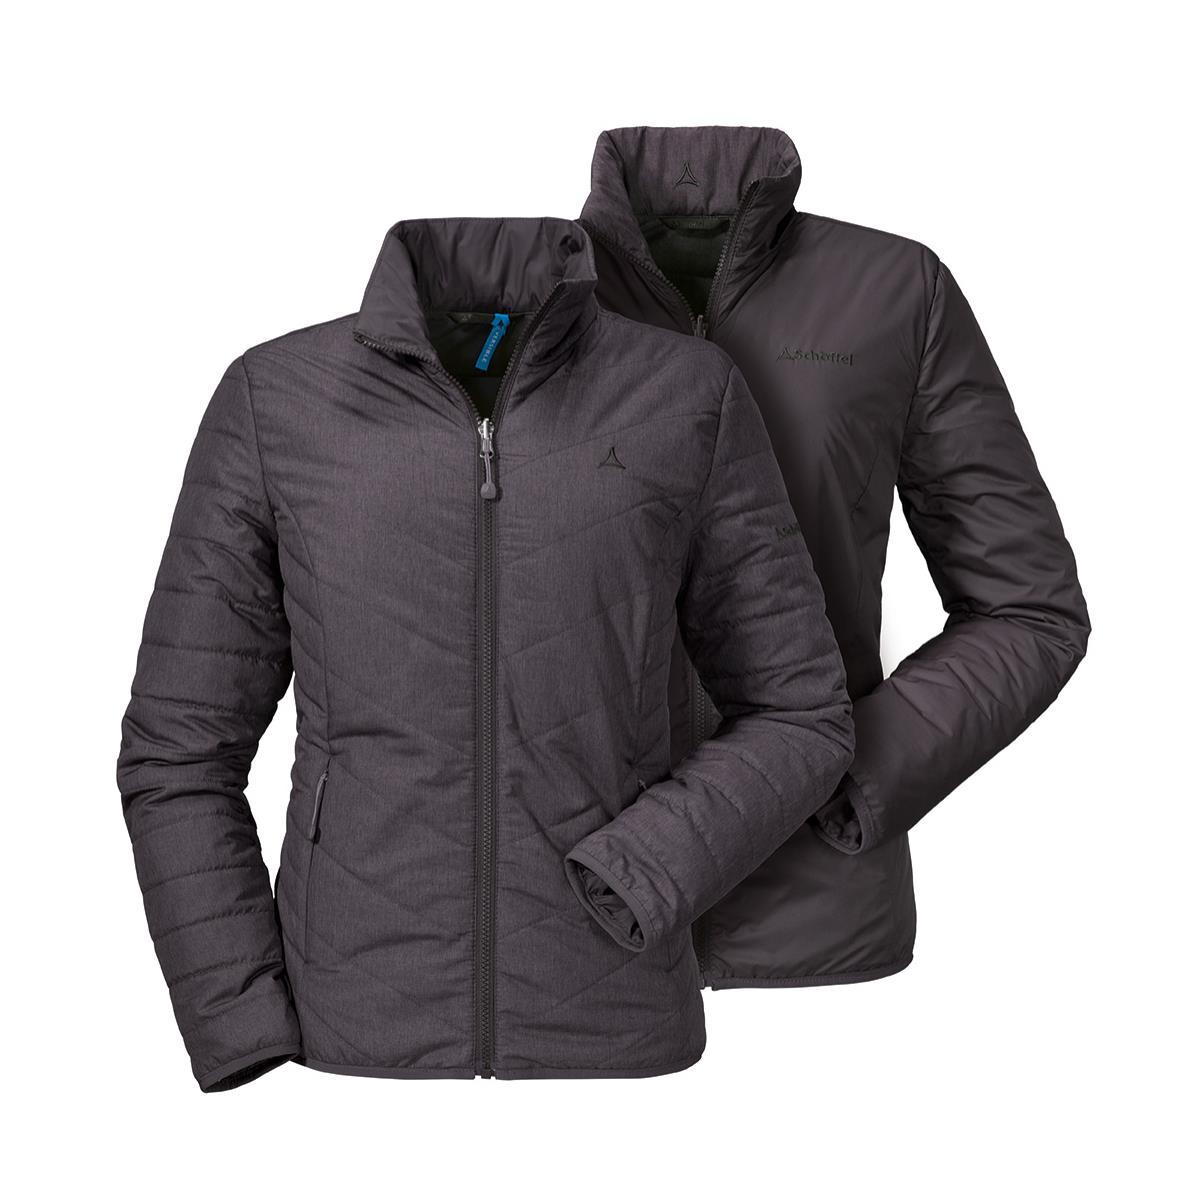 Schöffel Alyeska1 Jacket Wendejacke braun Damen Gr. 42